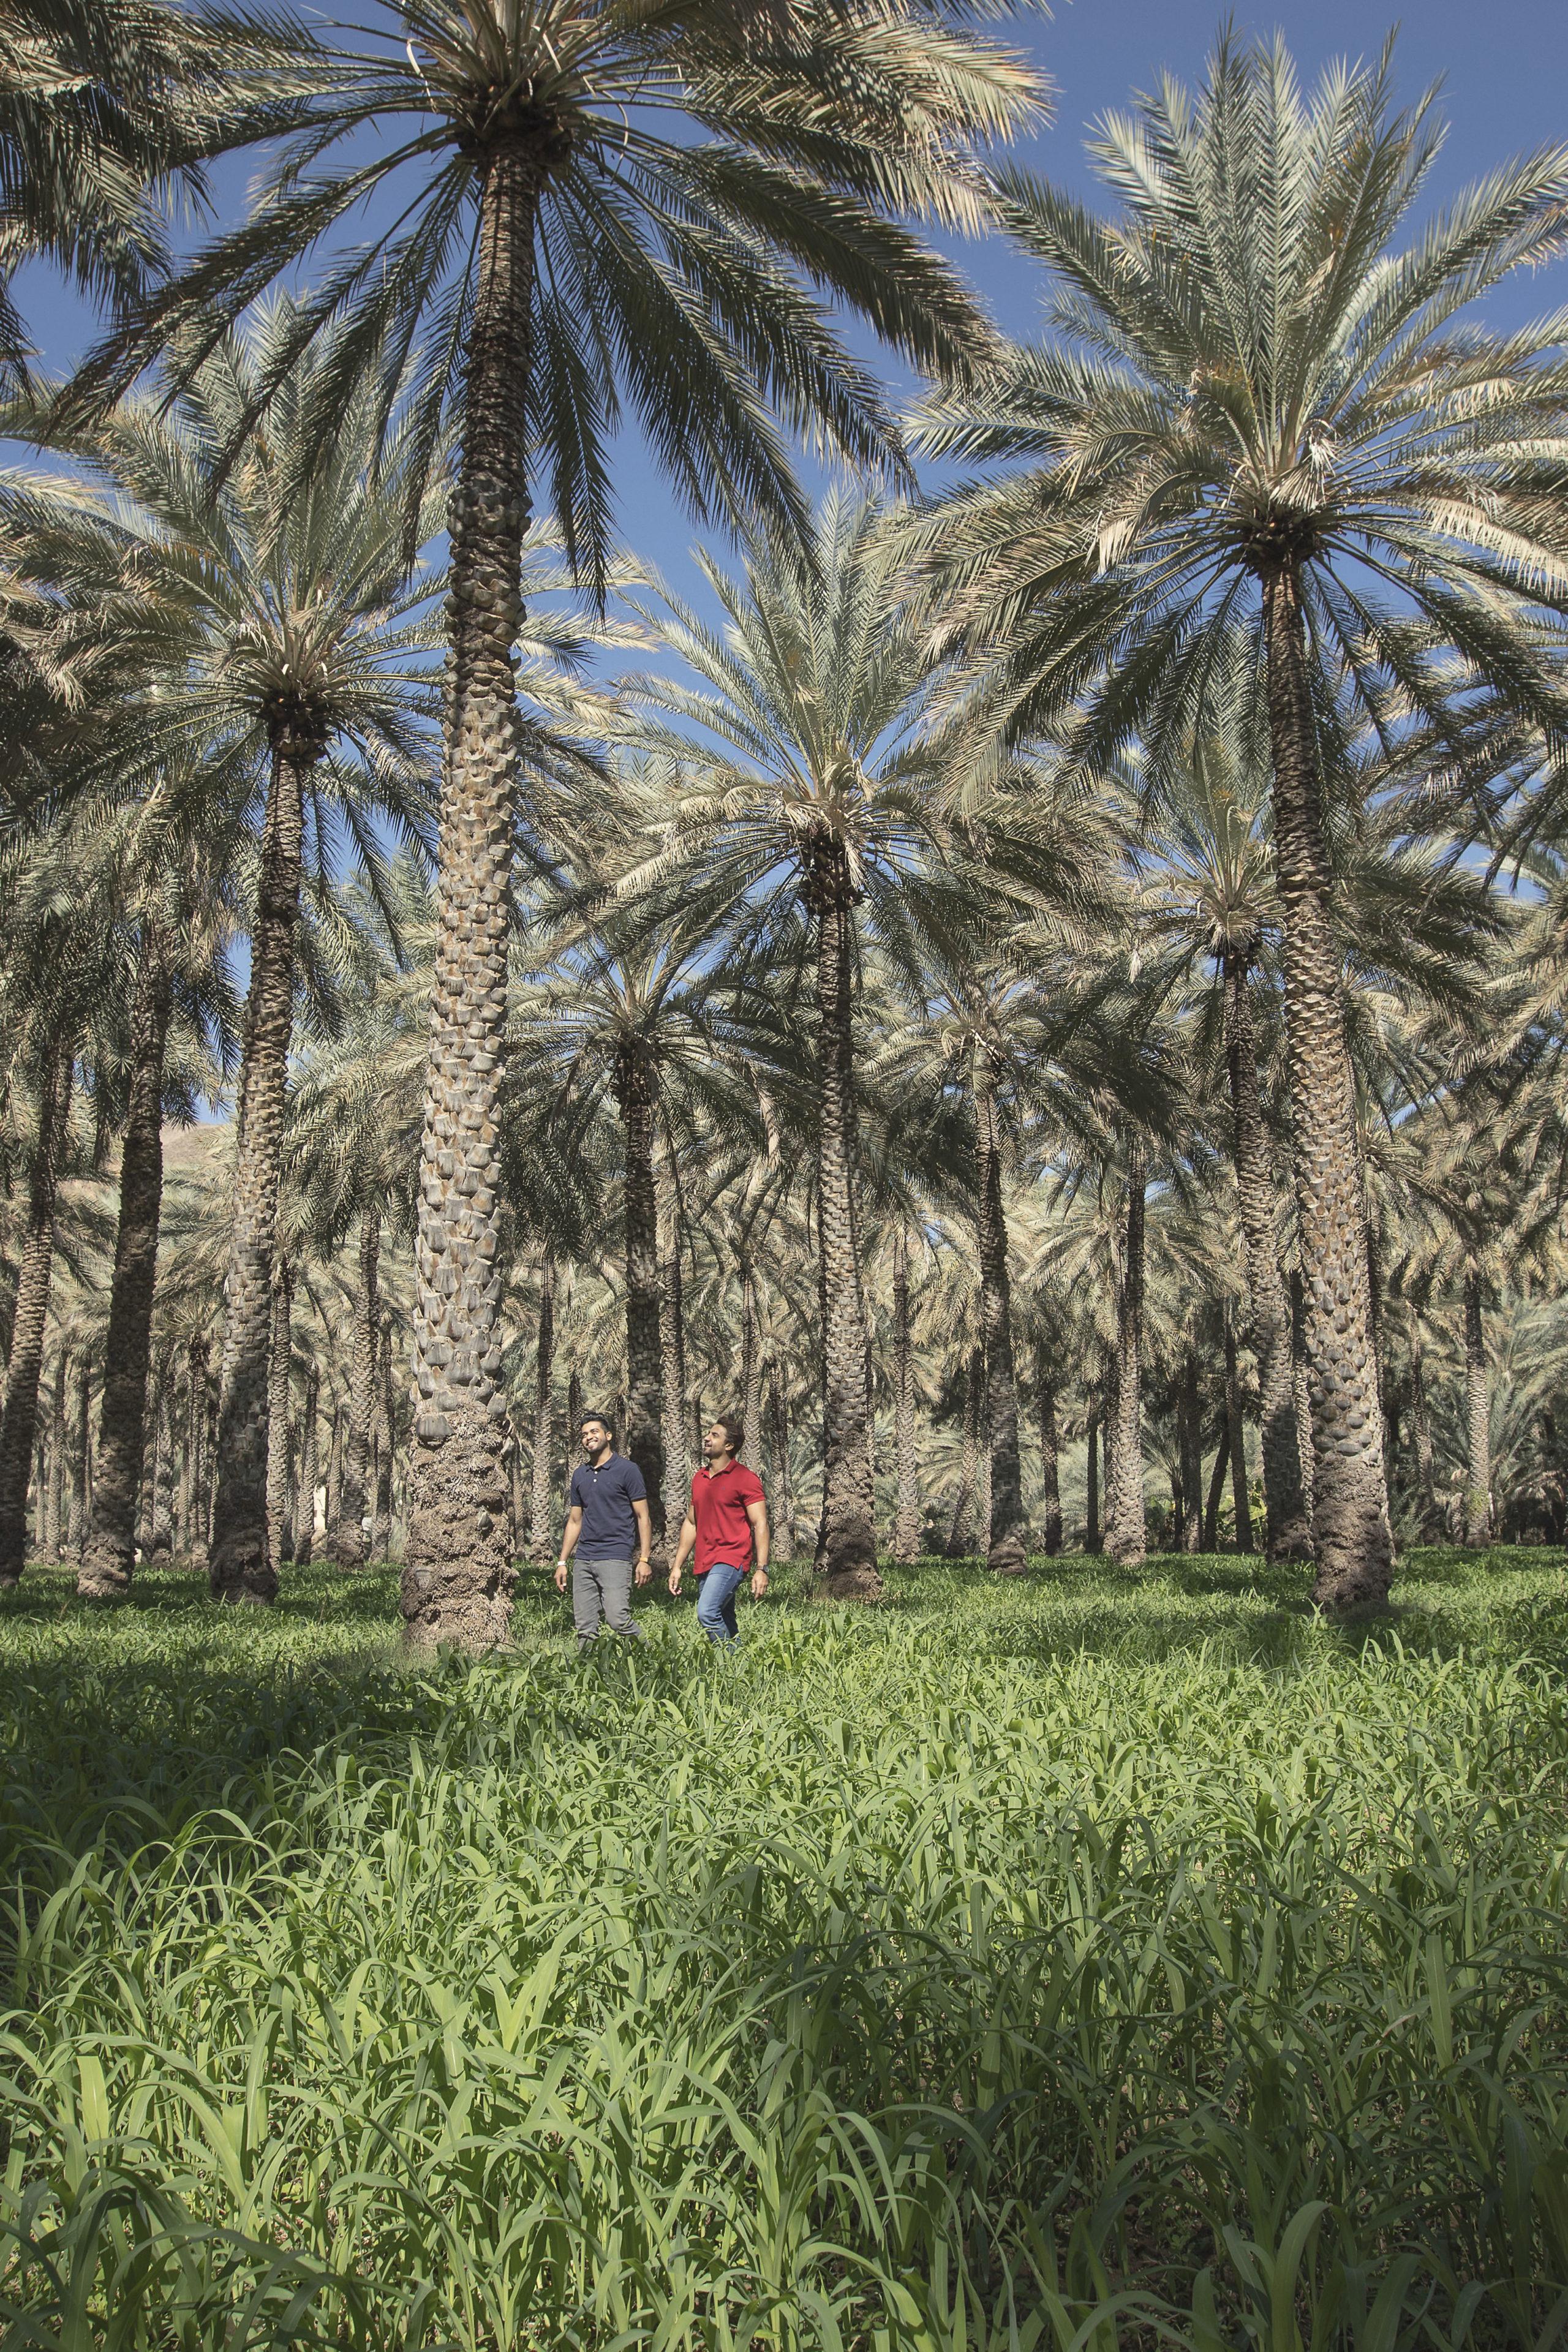 Üppig sprießende und grüne Oasen inmitten der Wüste - auch das ist Oman.